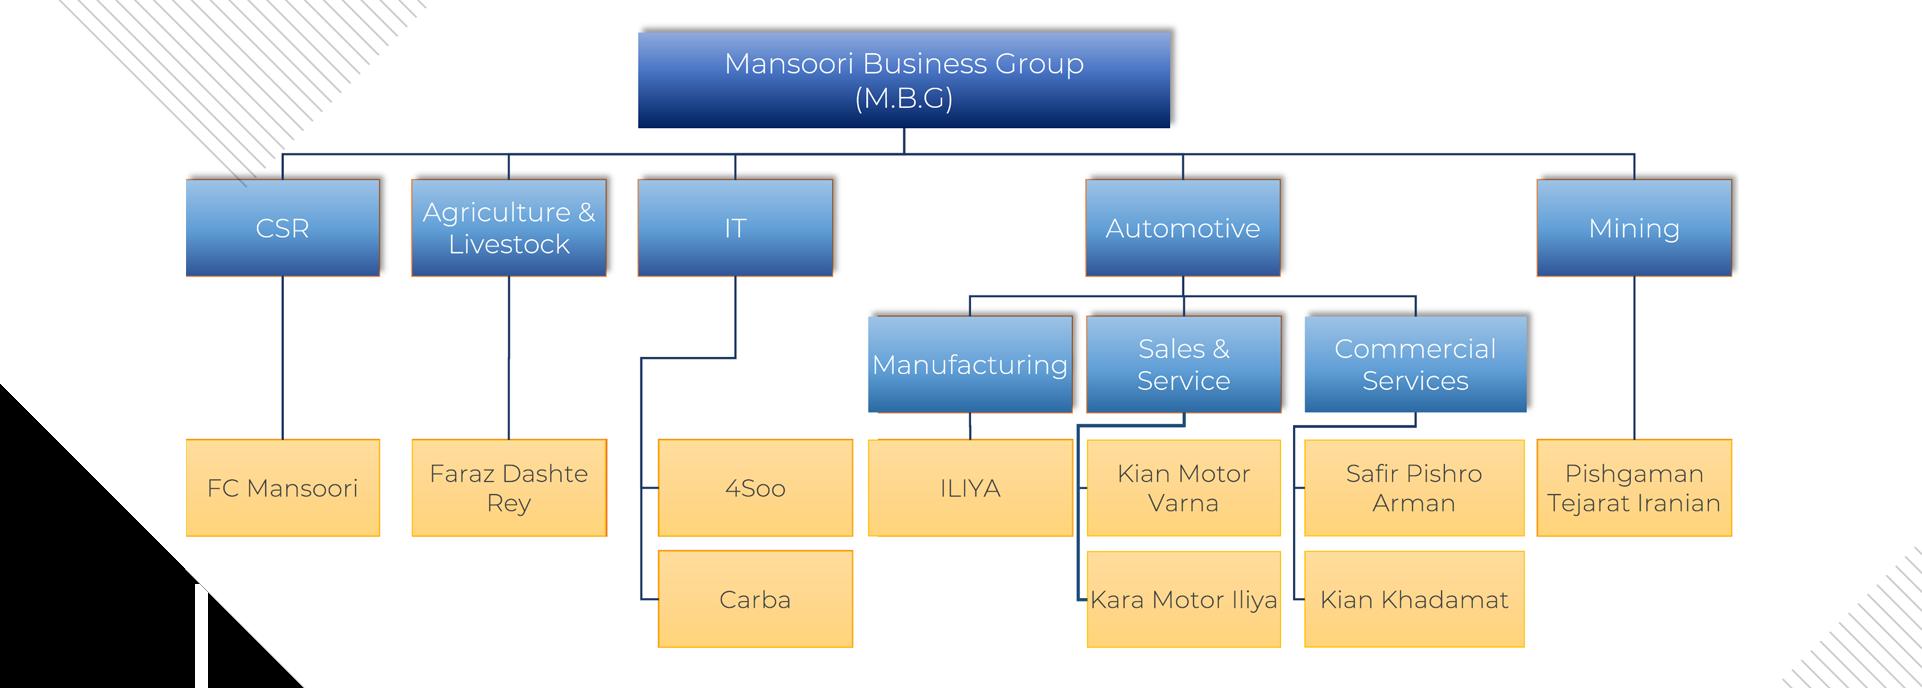 MBG Structure 2